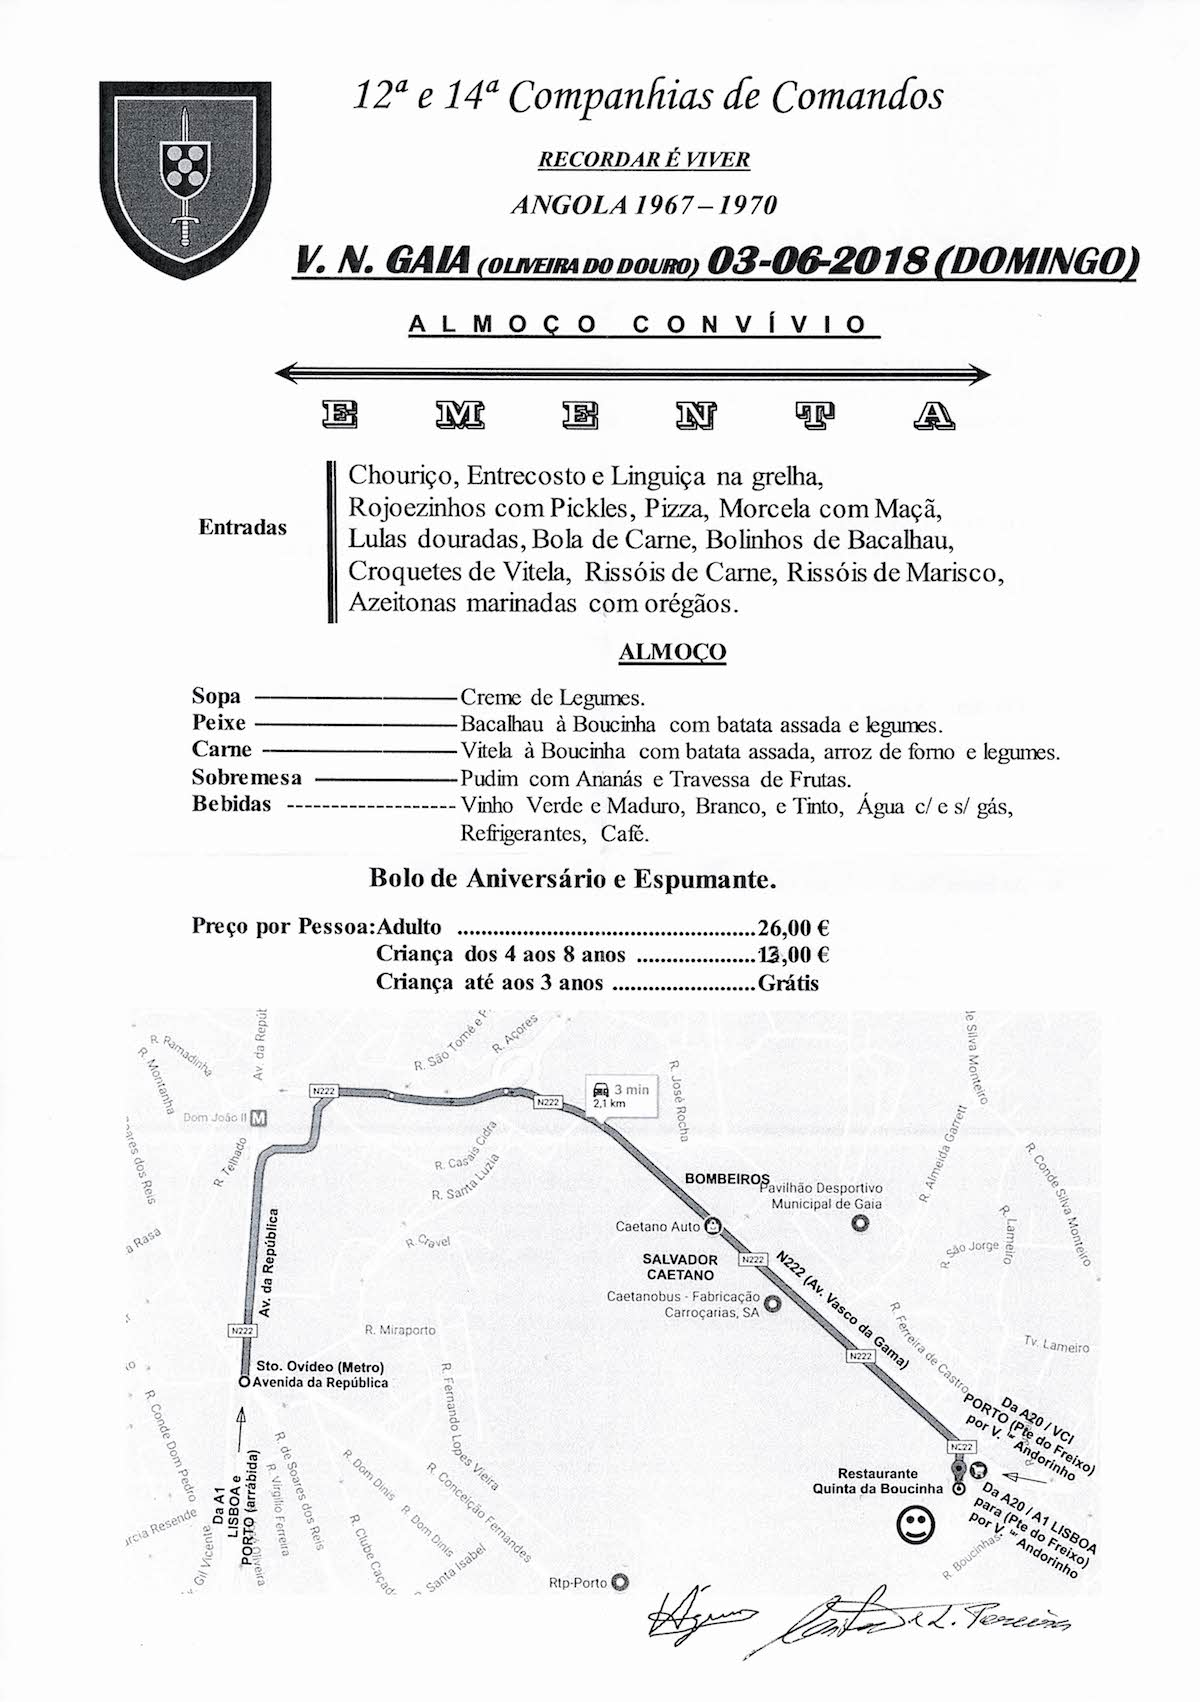 12-14CCMDS-v-min - Associação de Comandos a0d44d446c6